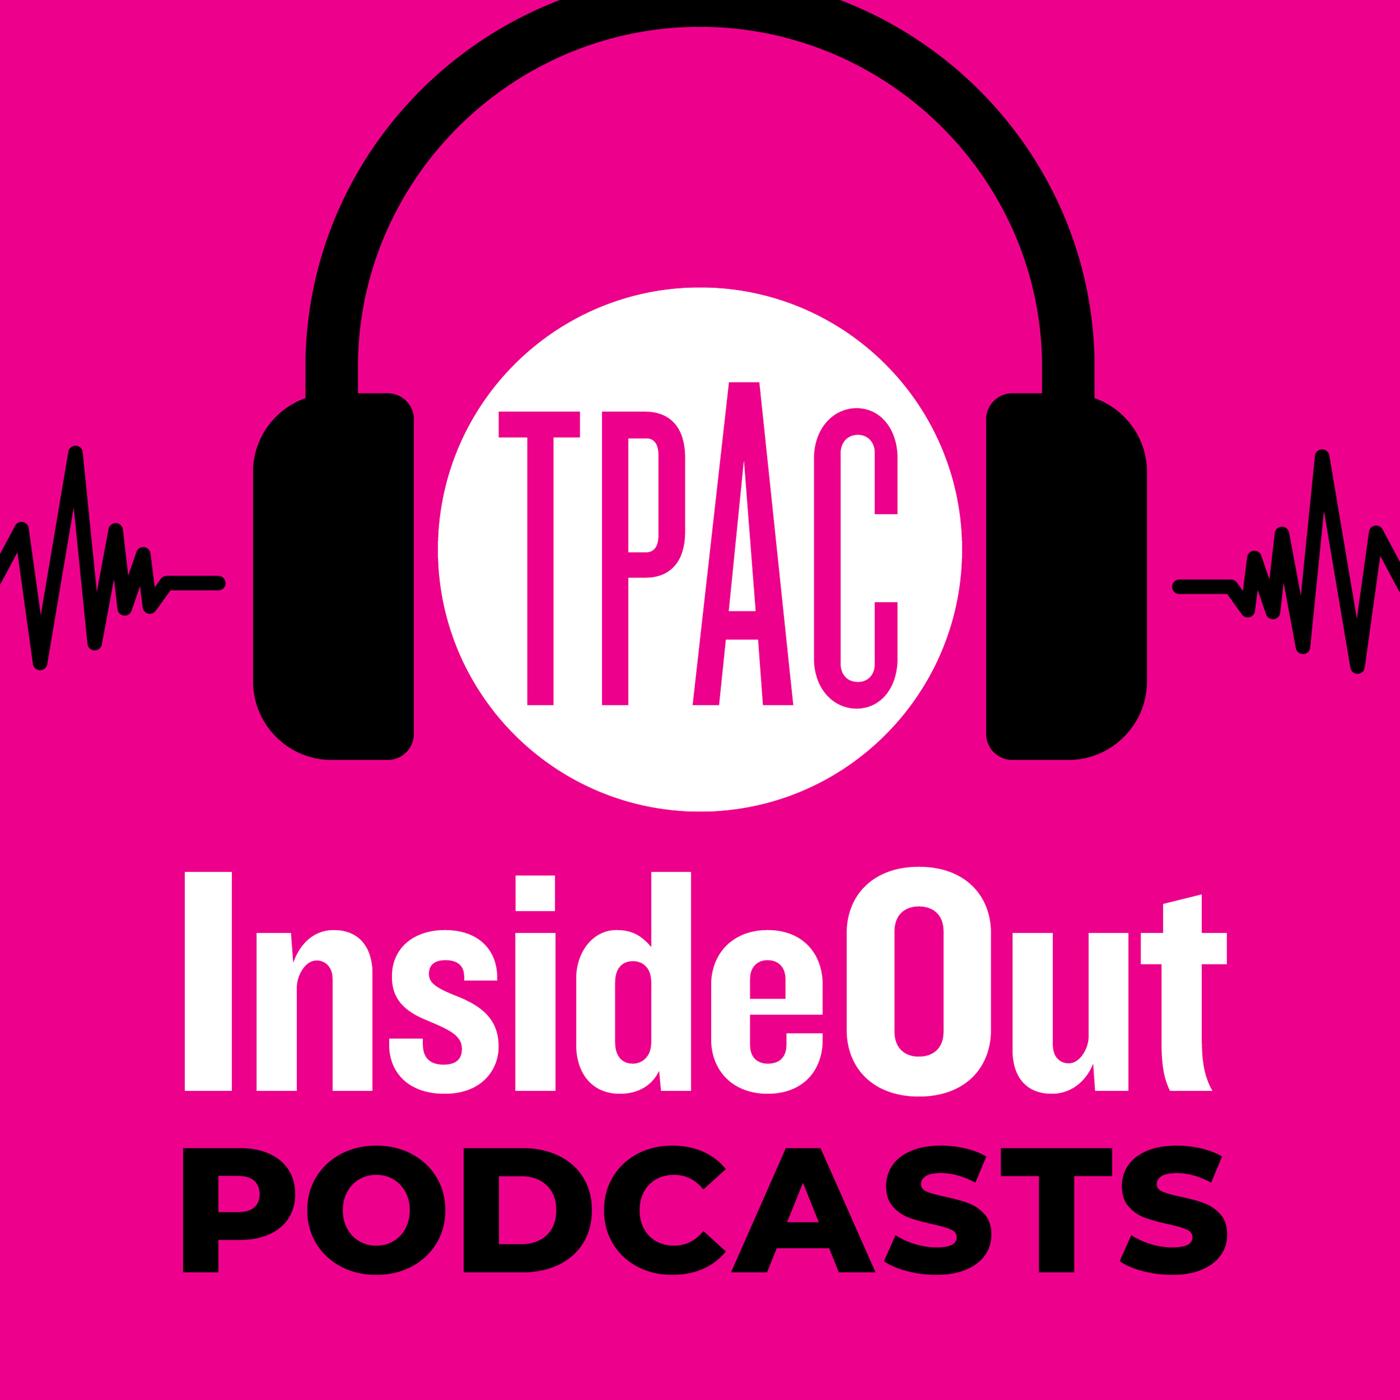 TPAC InsideOut show art